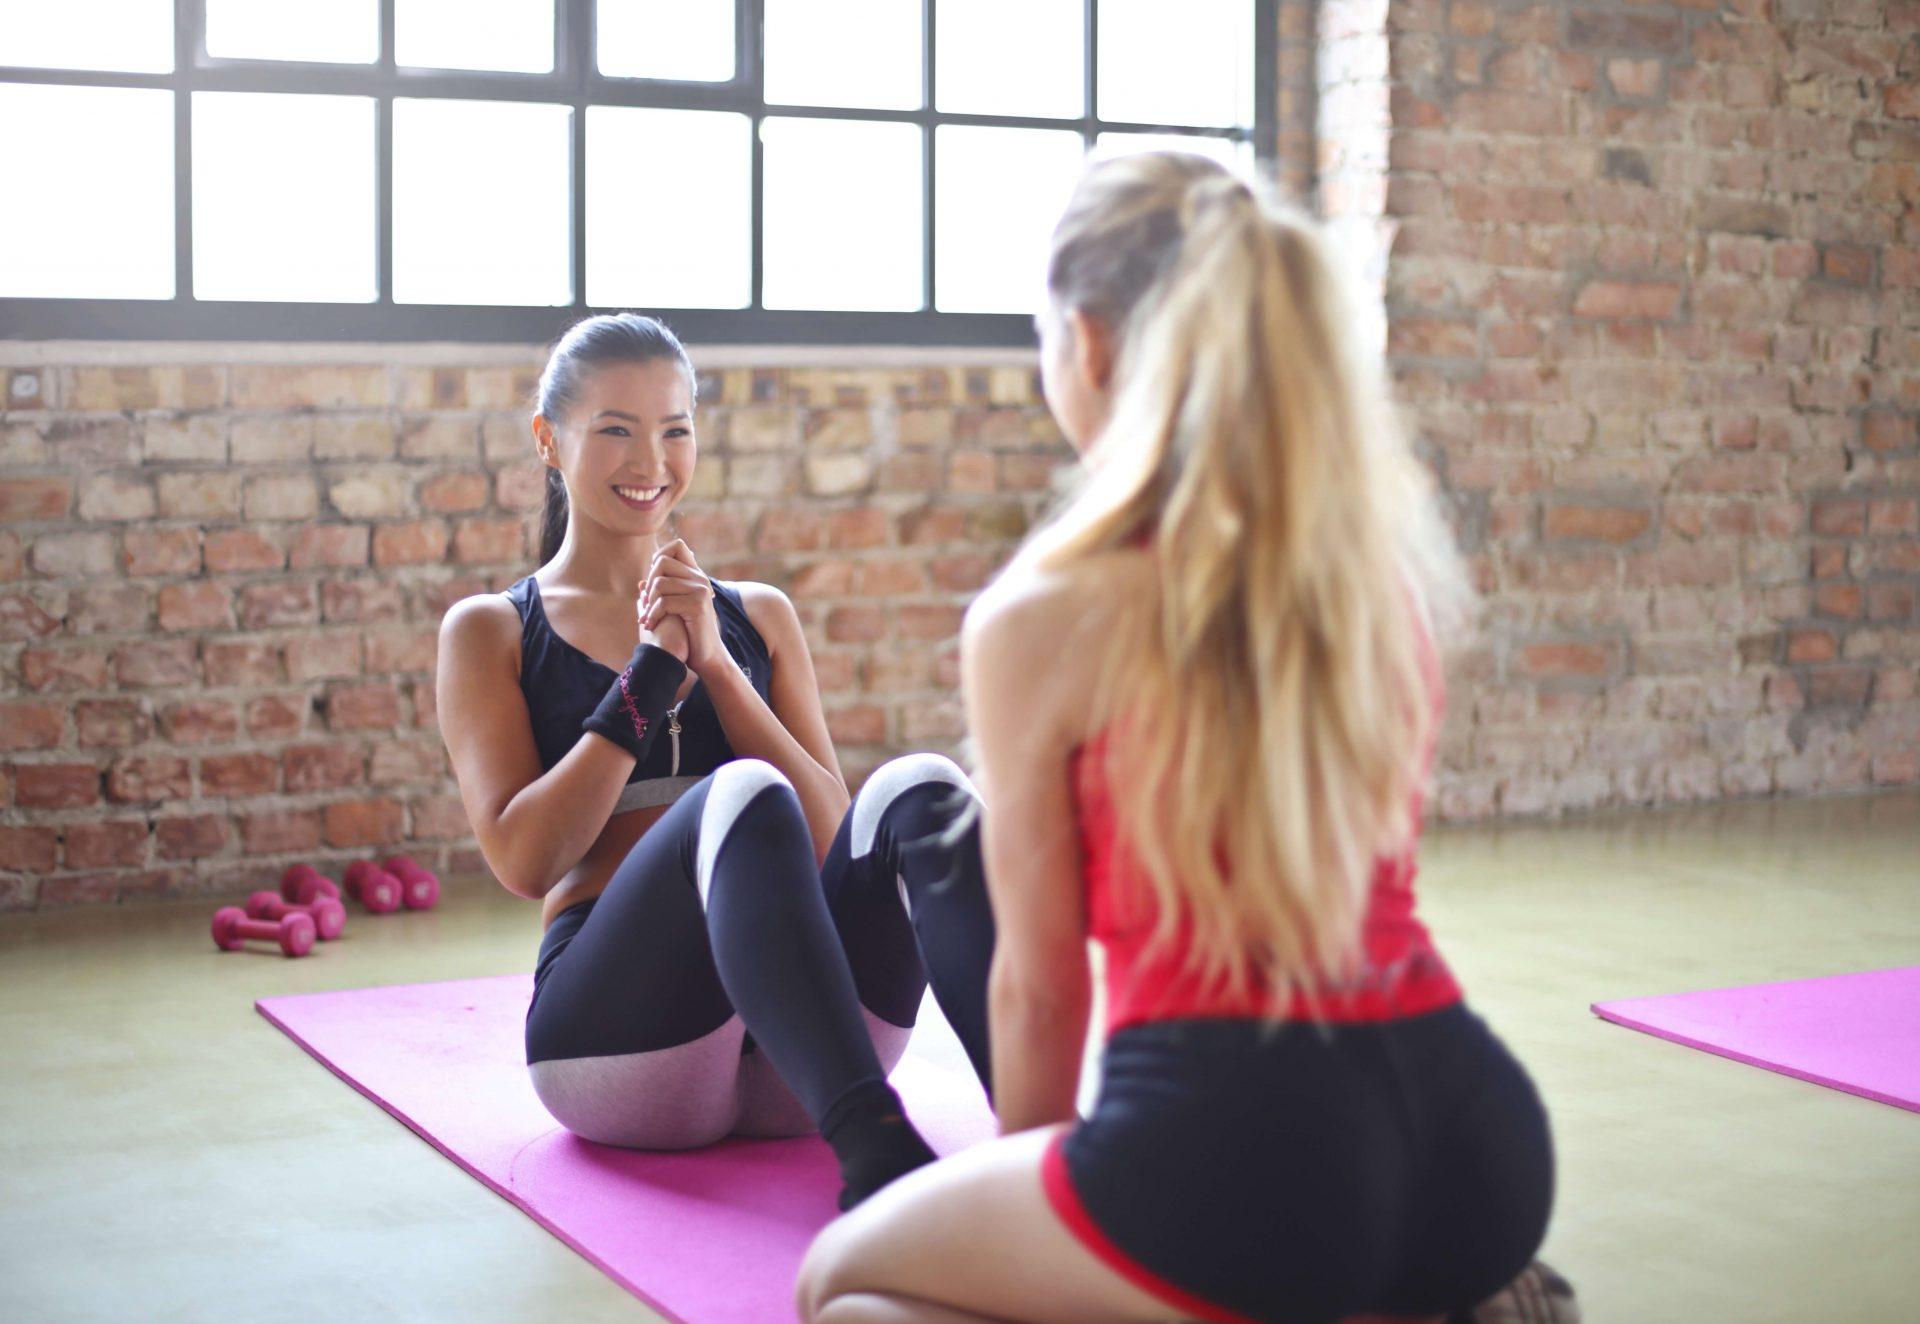 Uma mulher de cabelo preto fazendo abdominais sorrindo enquanto outra mulher de cabelos loiros está de costas ajudando-a segurando seus pés.